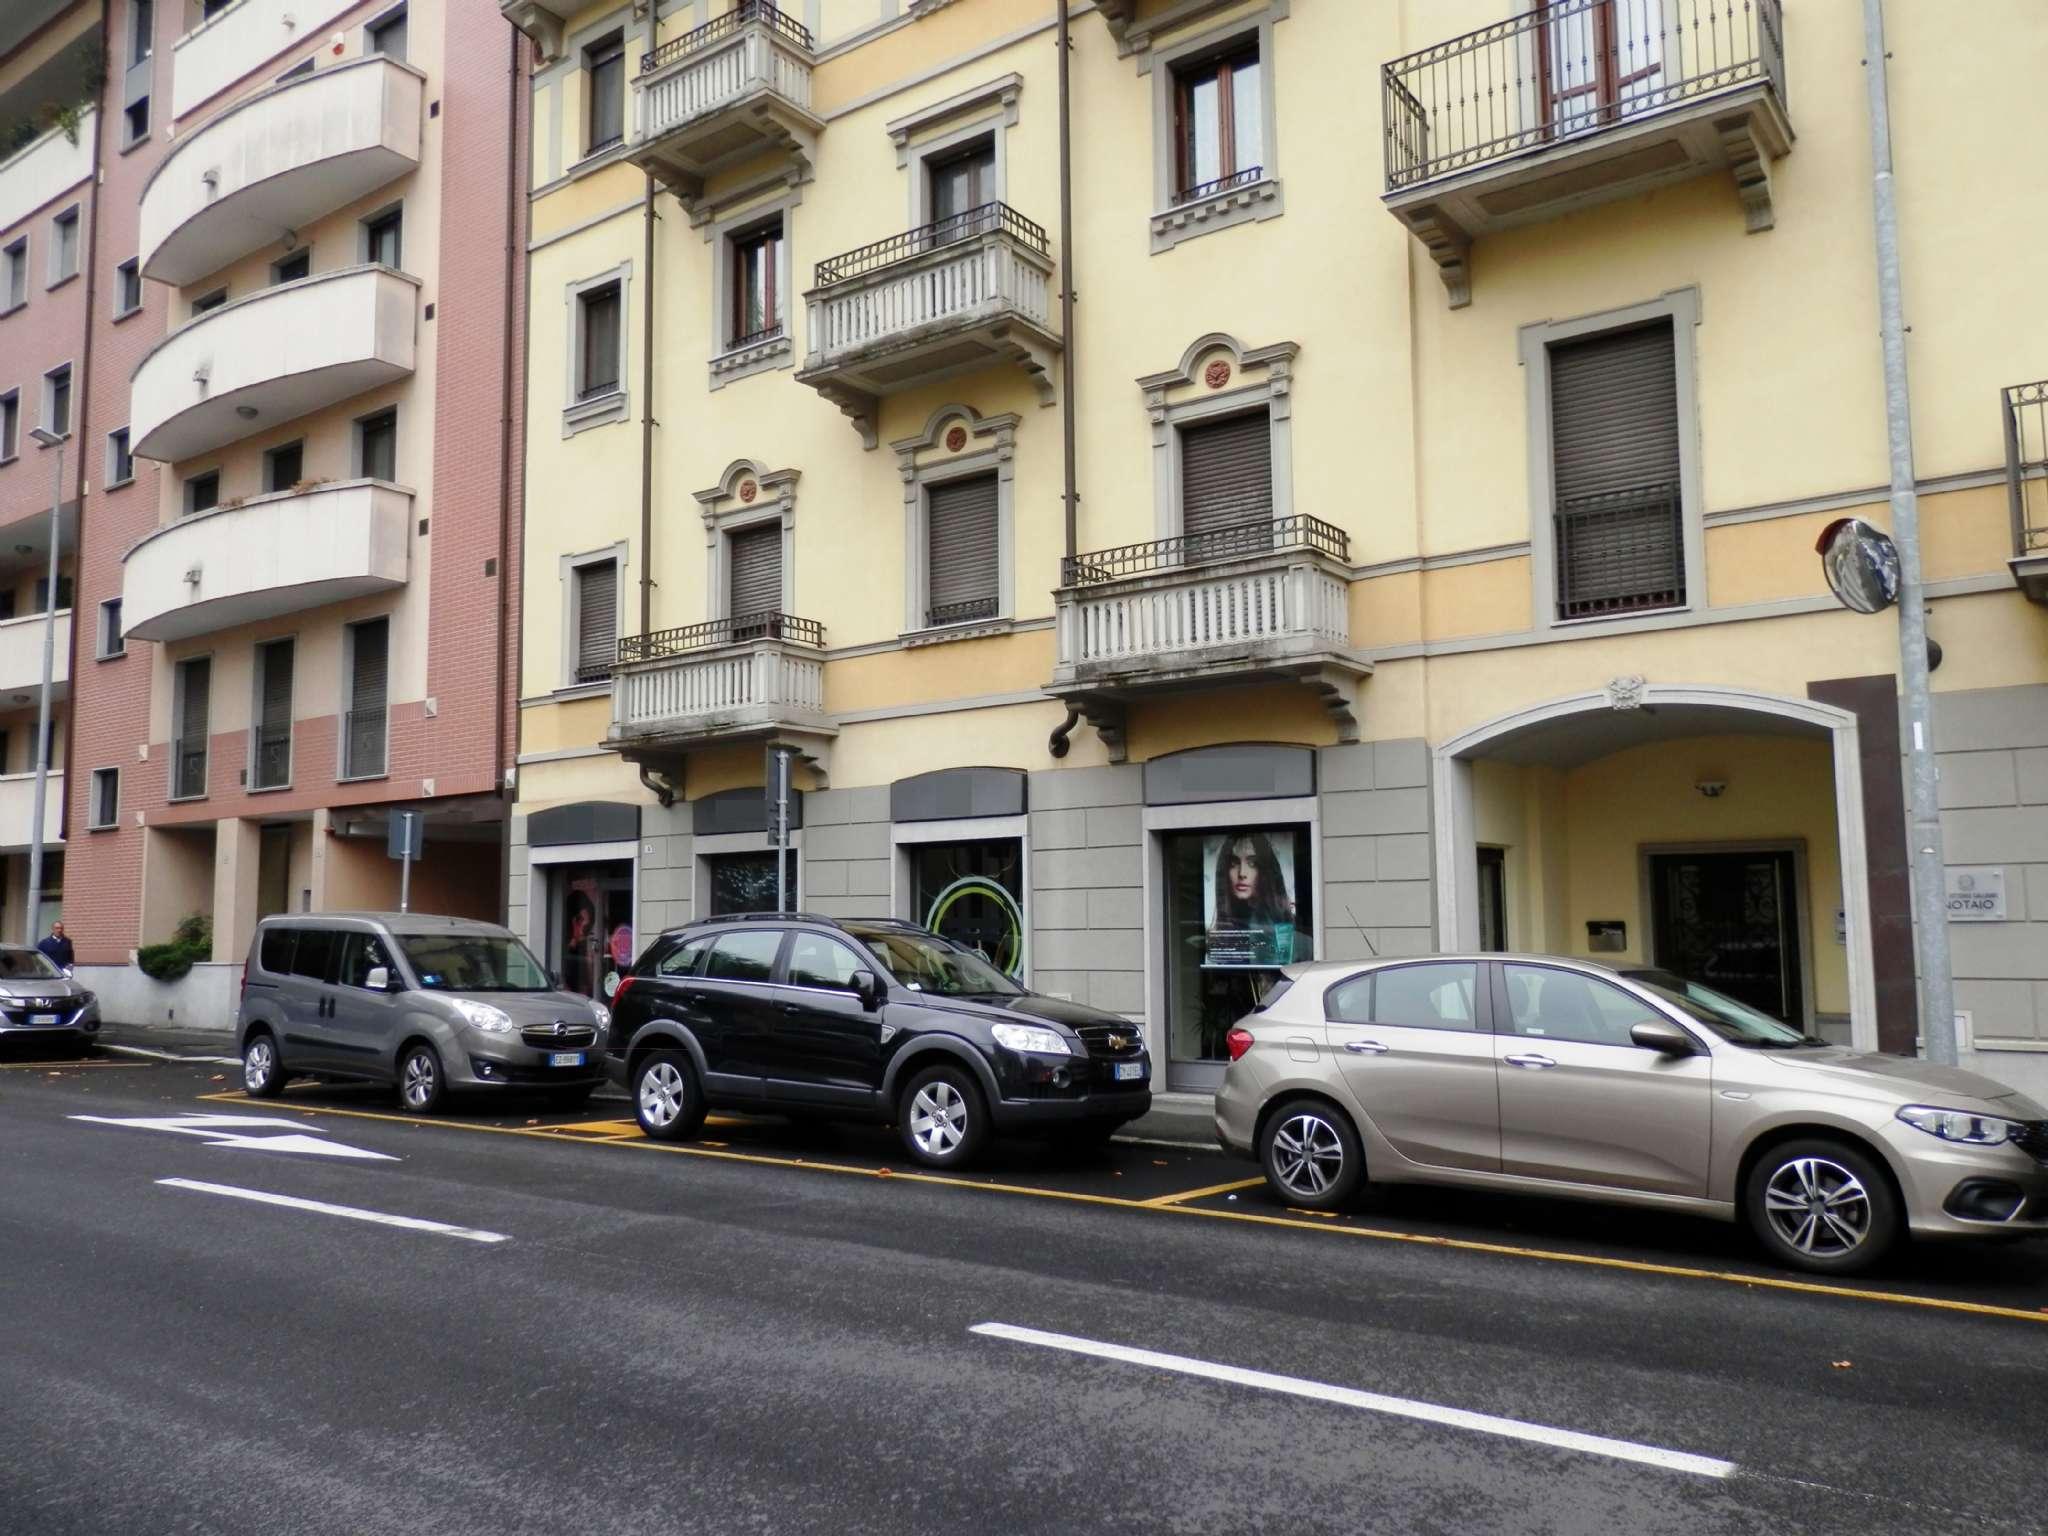 Negozio / Locale in vendita a Novara, 4 locali, prezzo € 320.000 | PortaleAgenzieImmobiliari.it